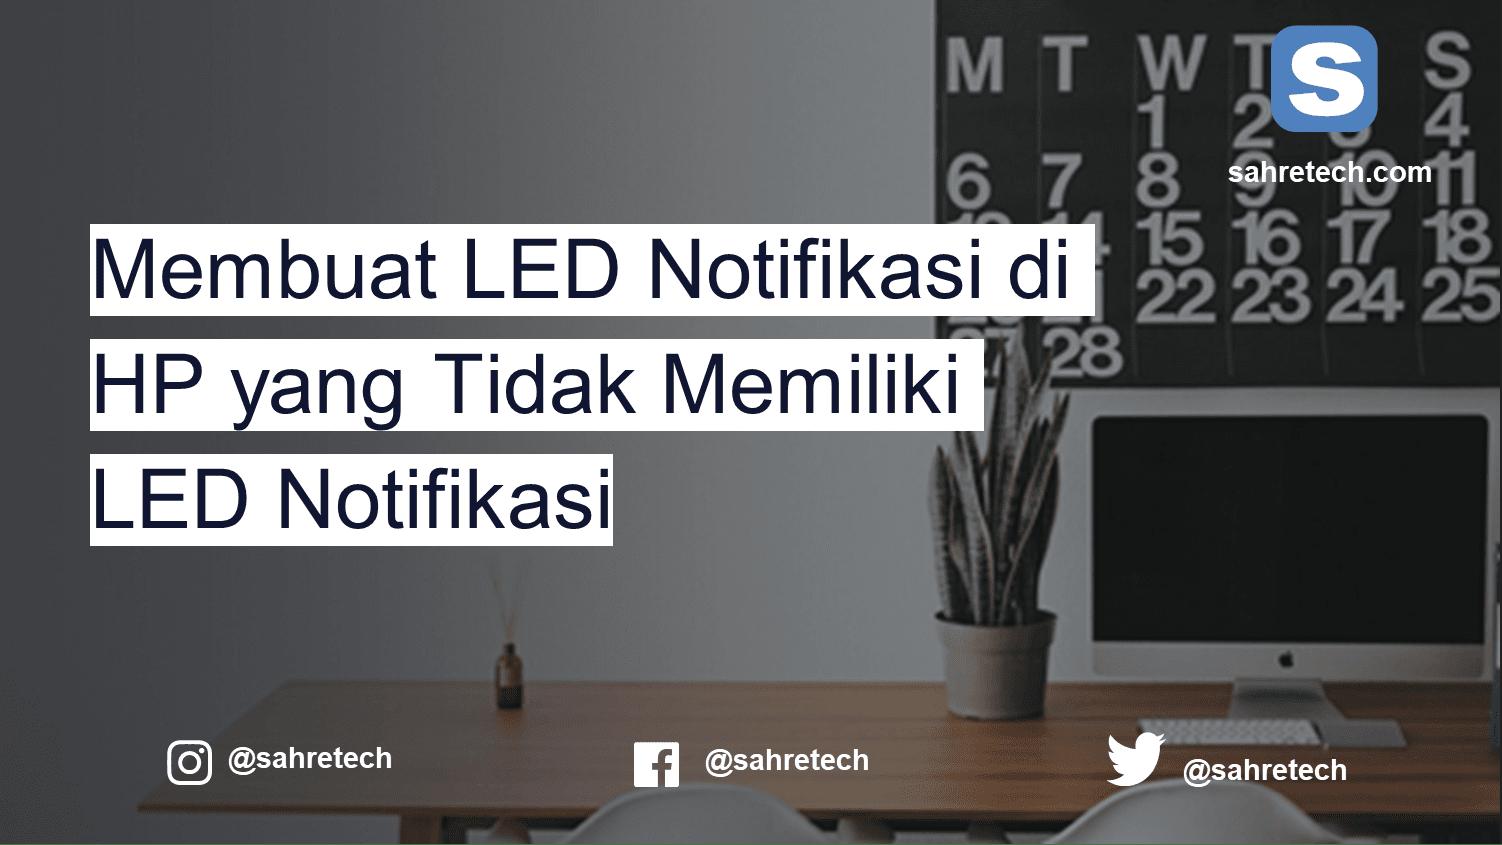 Membuat LED Notifikasi di HP yang Tidak Memiliki LED Notifikasi